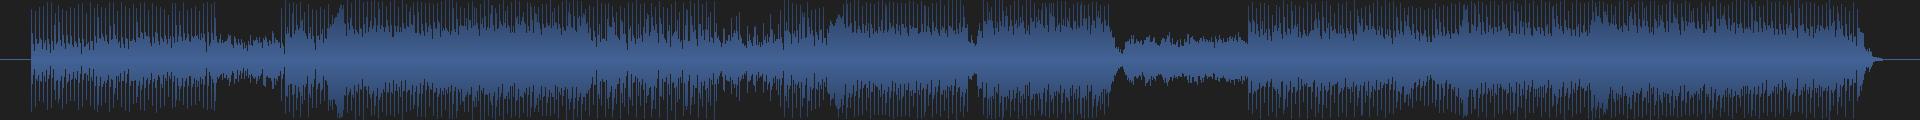 My voice 7.7 remix 050514tr m c